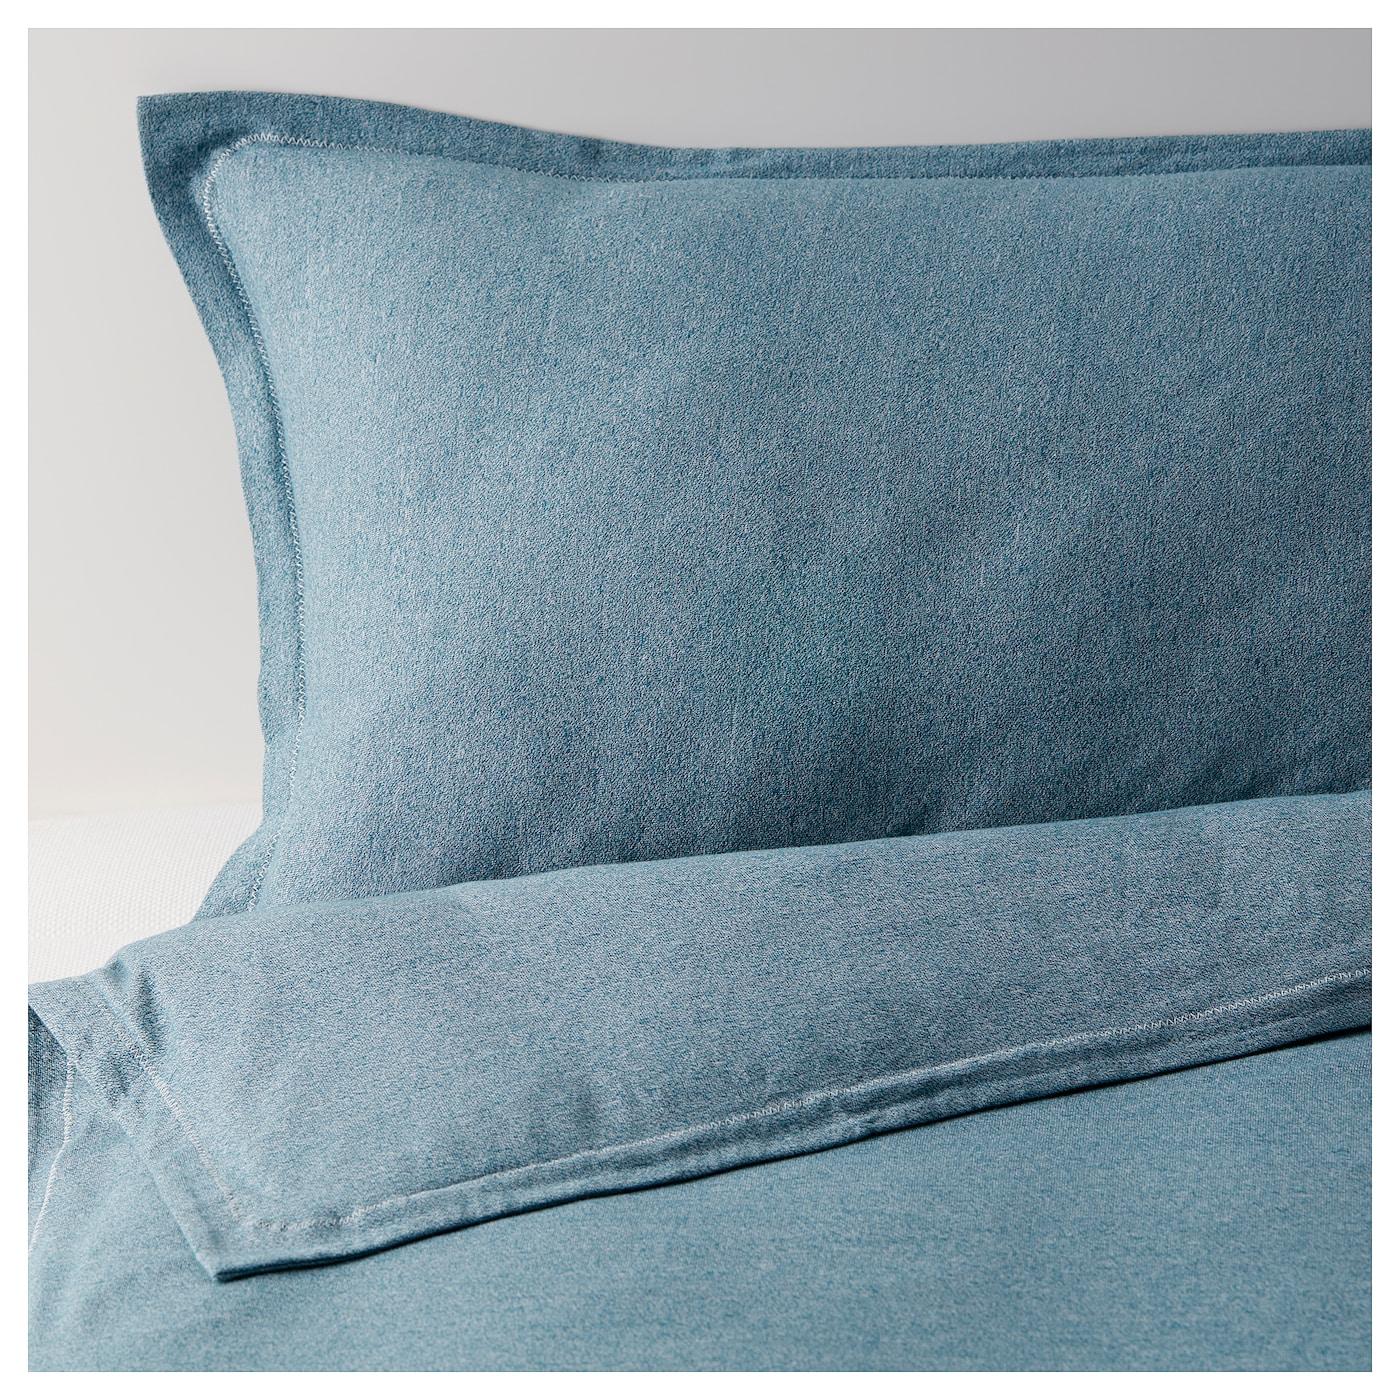 kejsartr d housse de couette et 2 taies vert bleu fonc 240x220 50x60 cm ikea. Black Bedroom Furniture Sets. Home Design Ideas